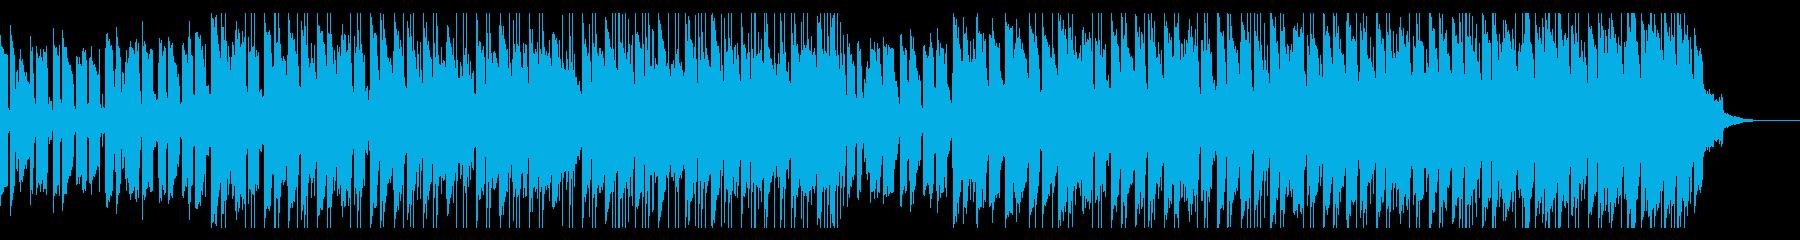 ピアノサックスのパーカッションとエレキギの再生済みの波形